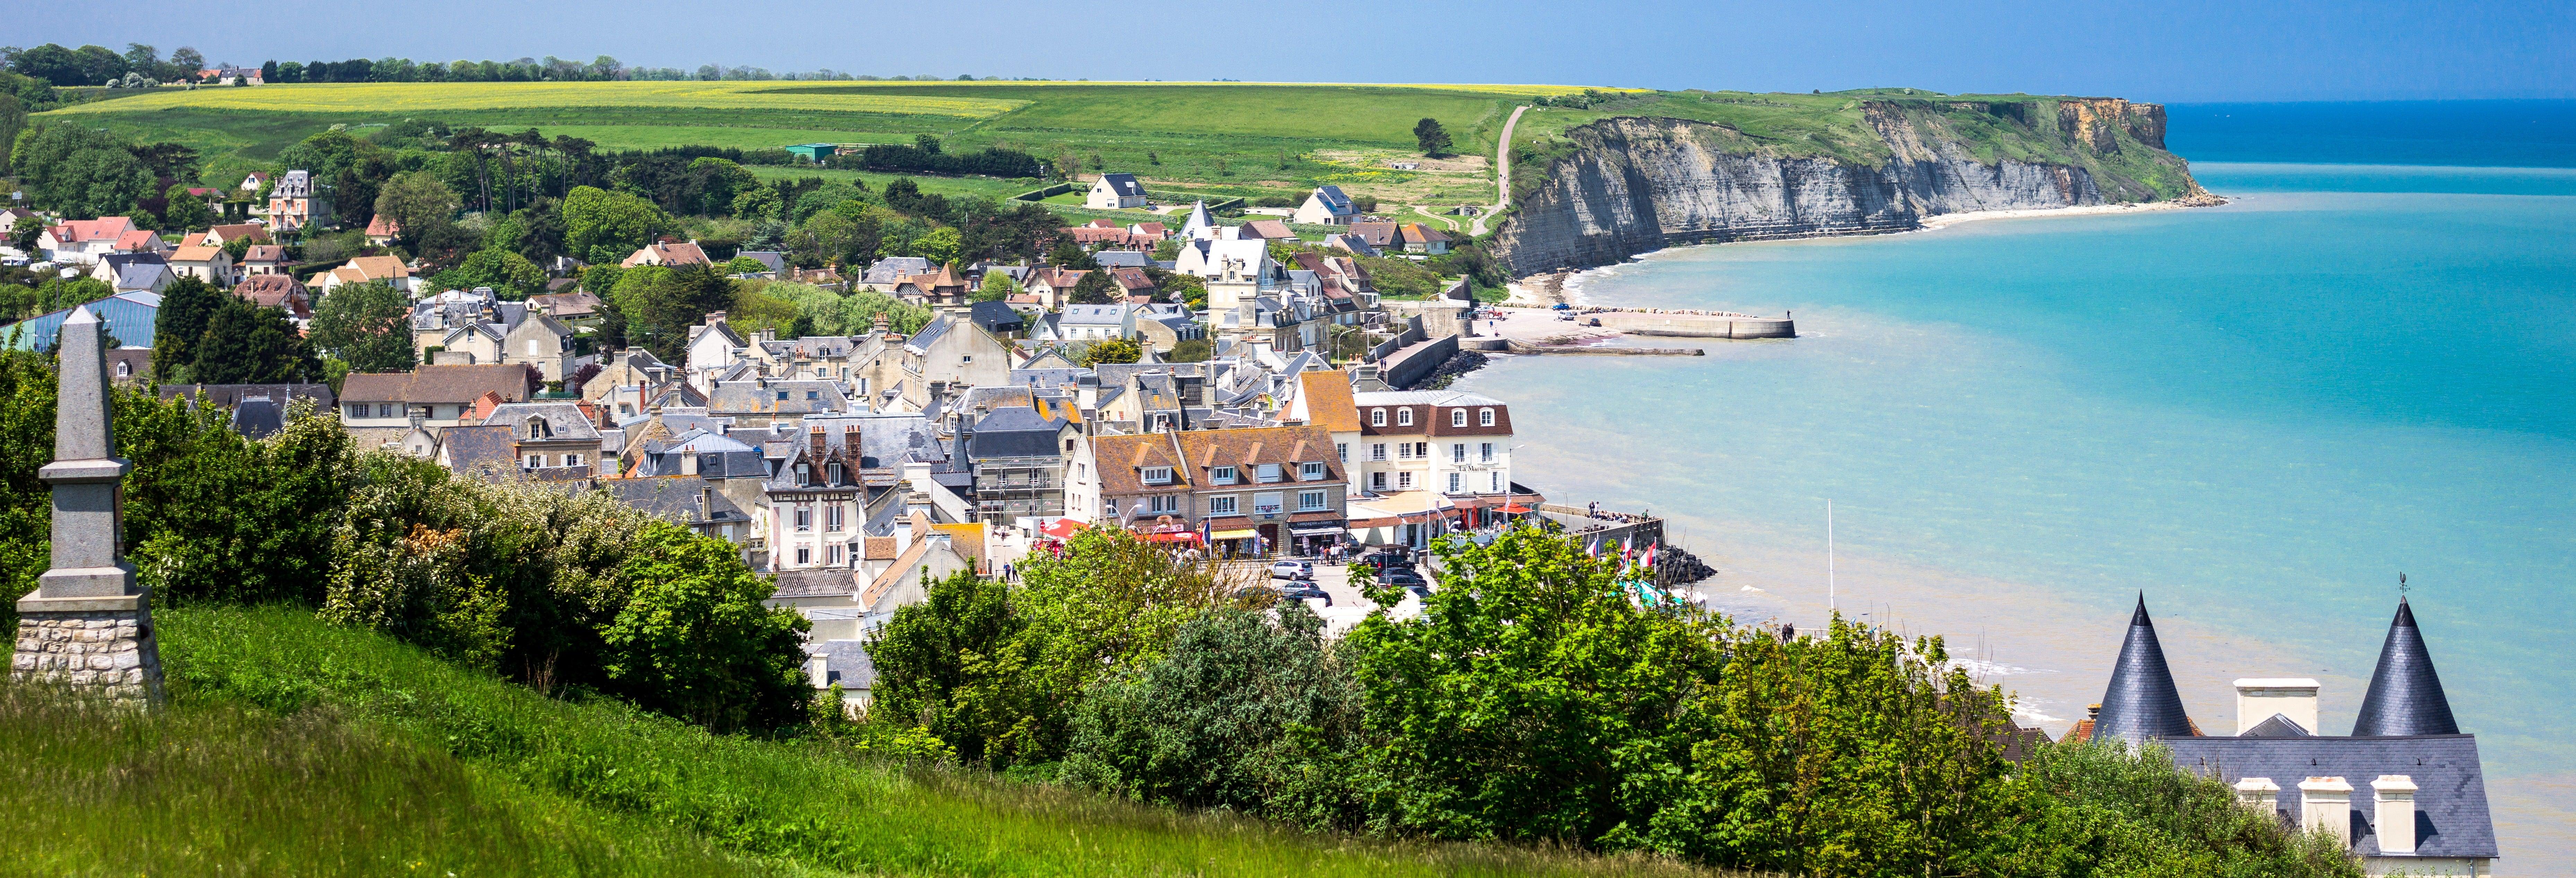 Excursão às praias do Desembarque da Normandia